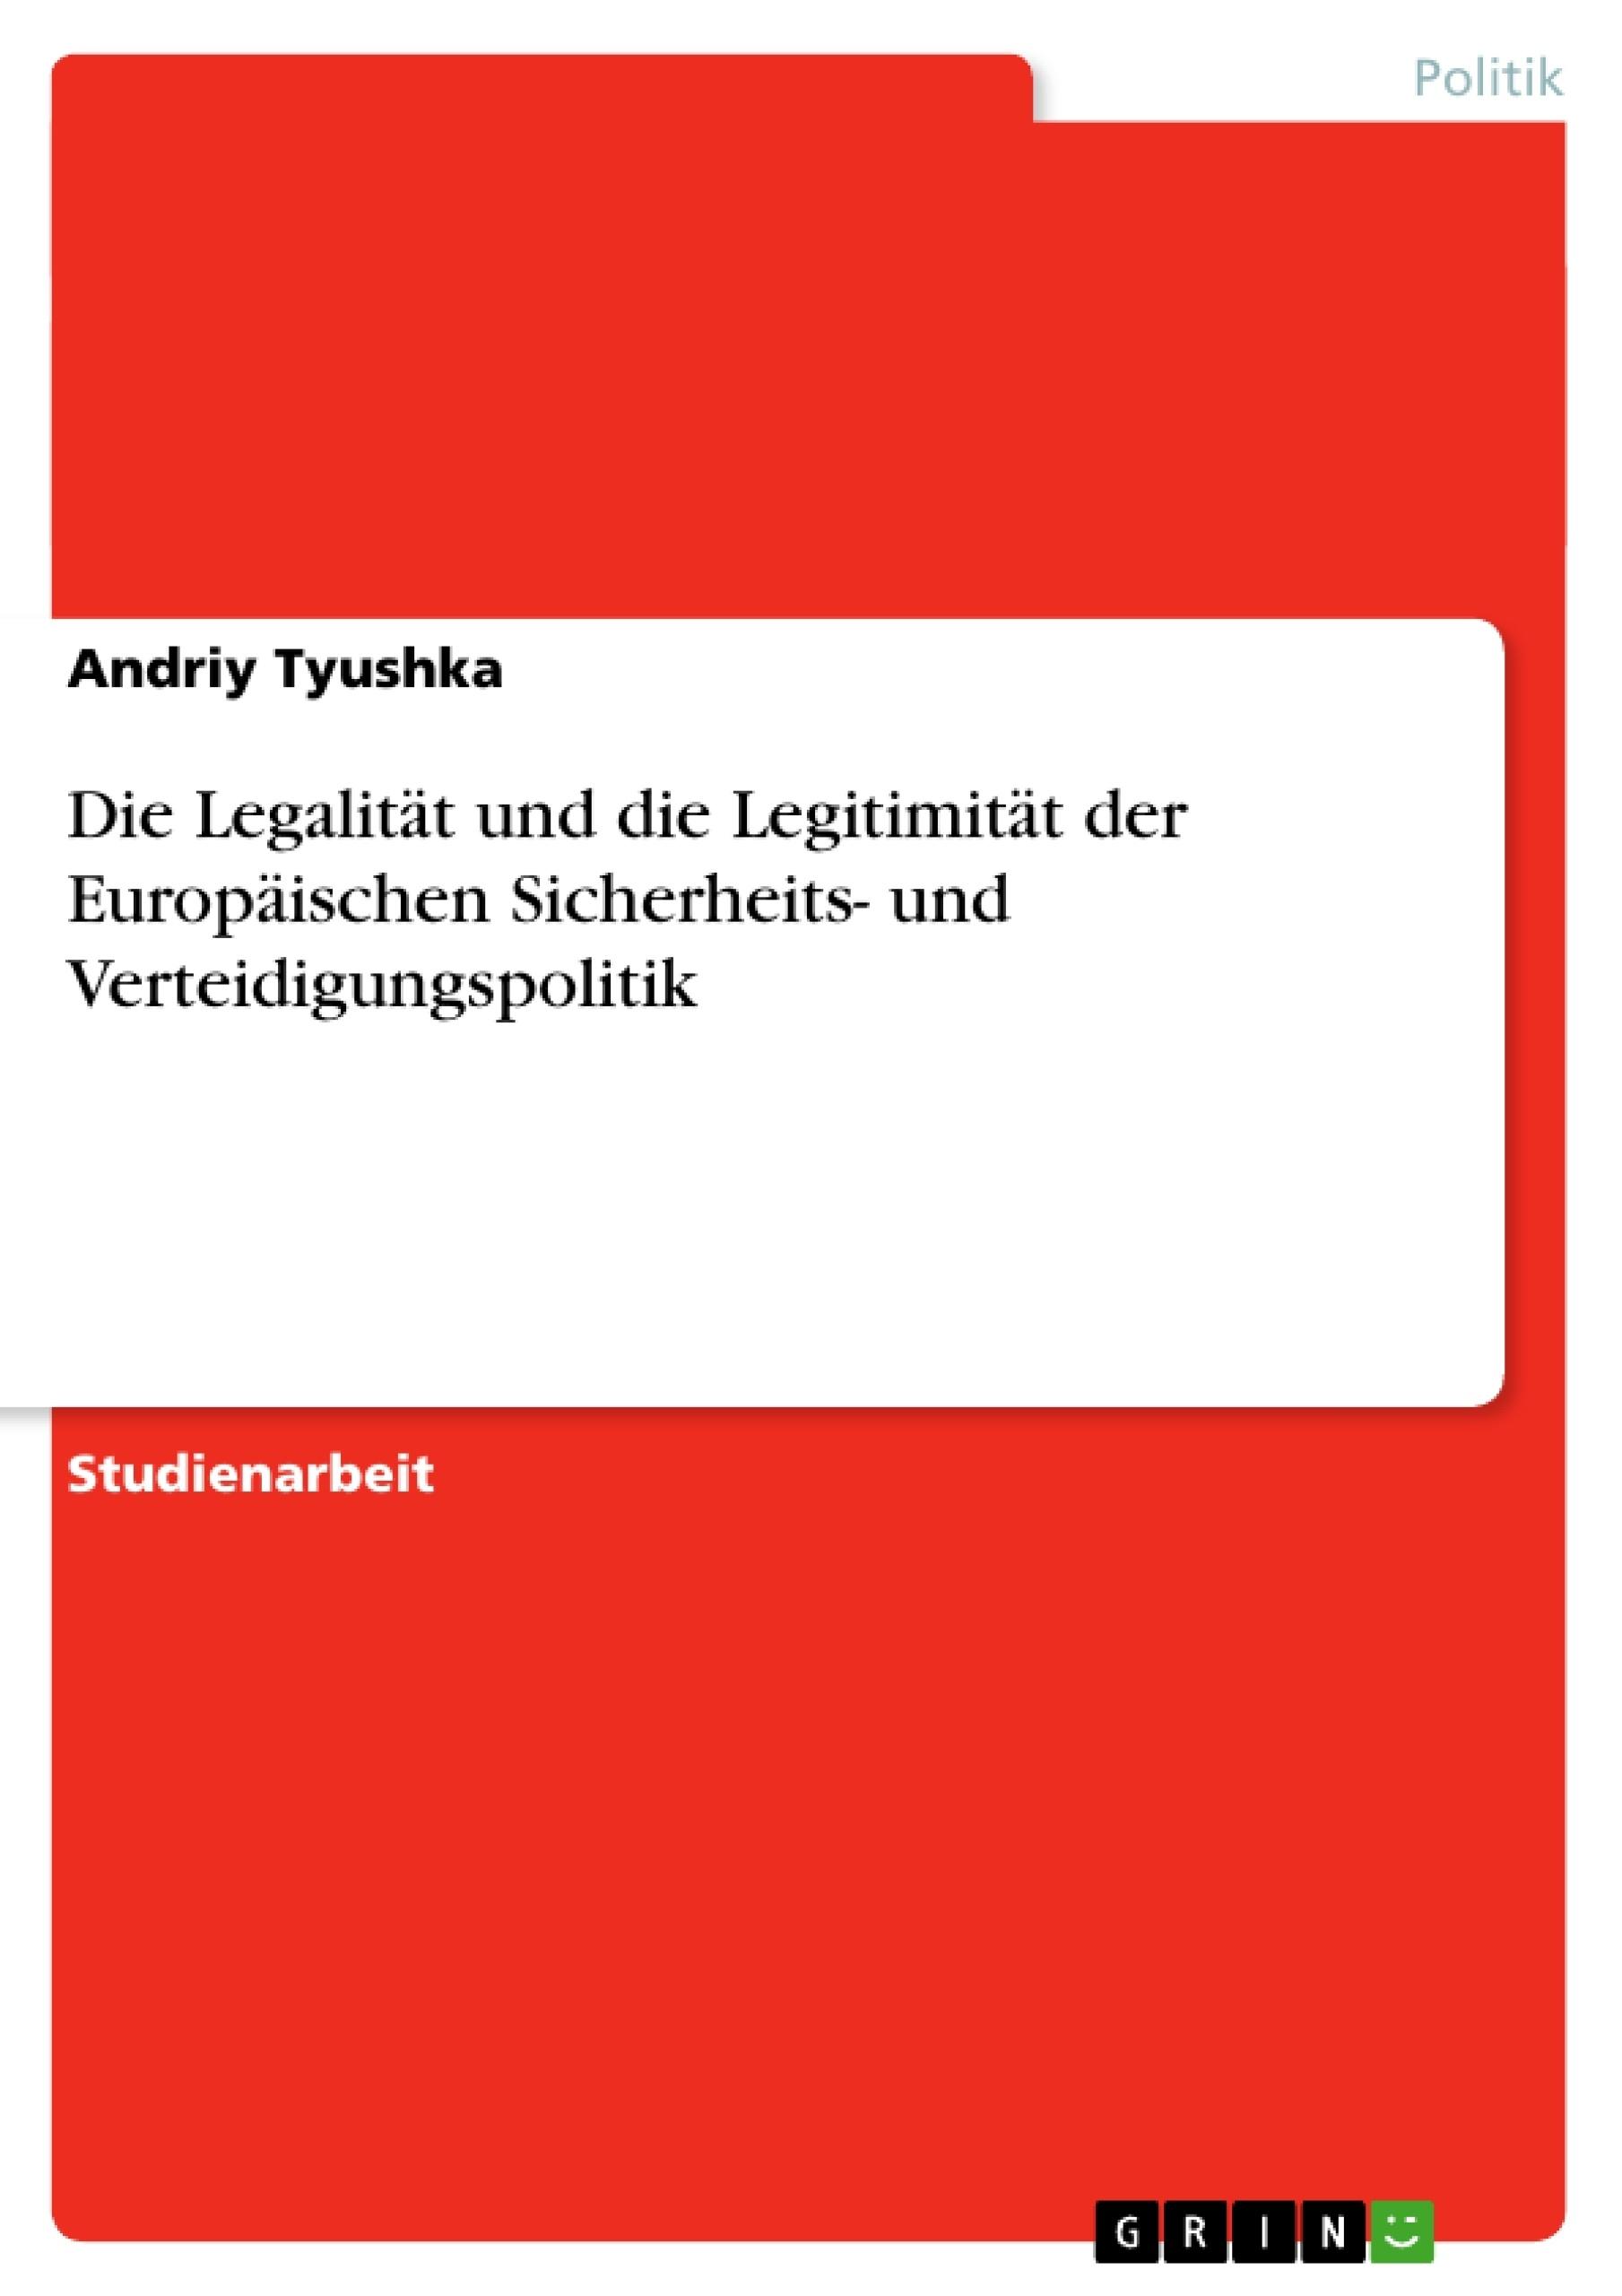 Titel: Die Legalität und die Legitimität der Europäischen Sicherheits- und Verteidigungspolitik